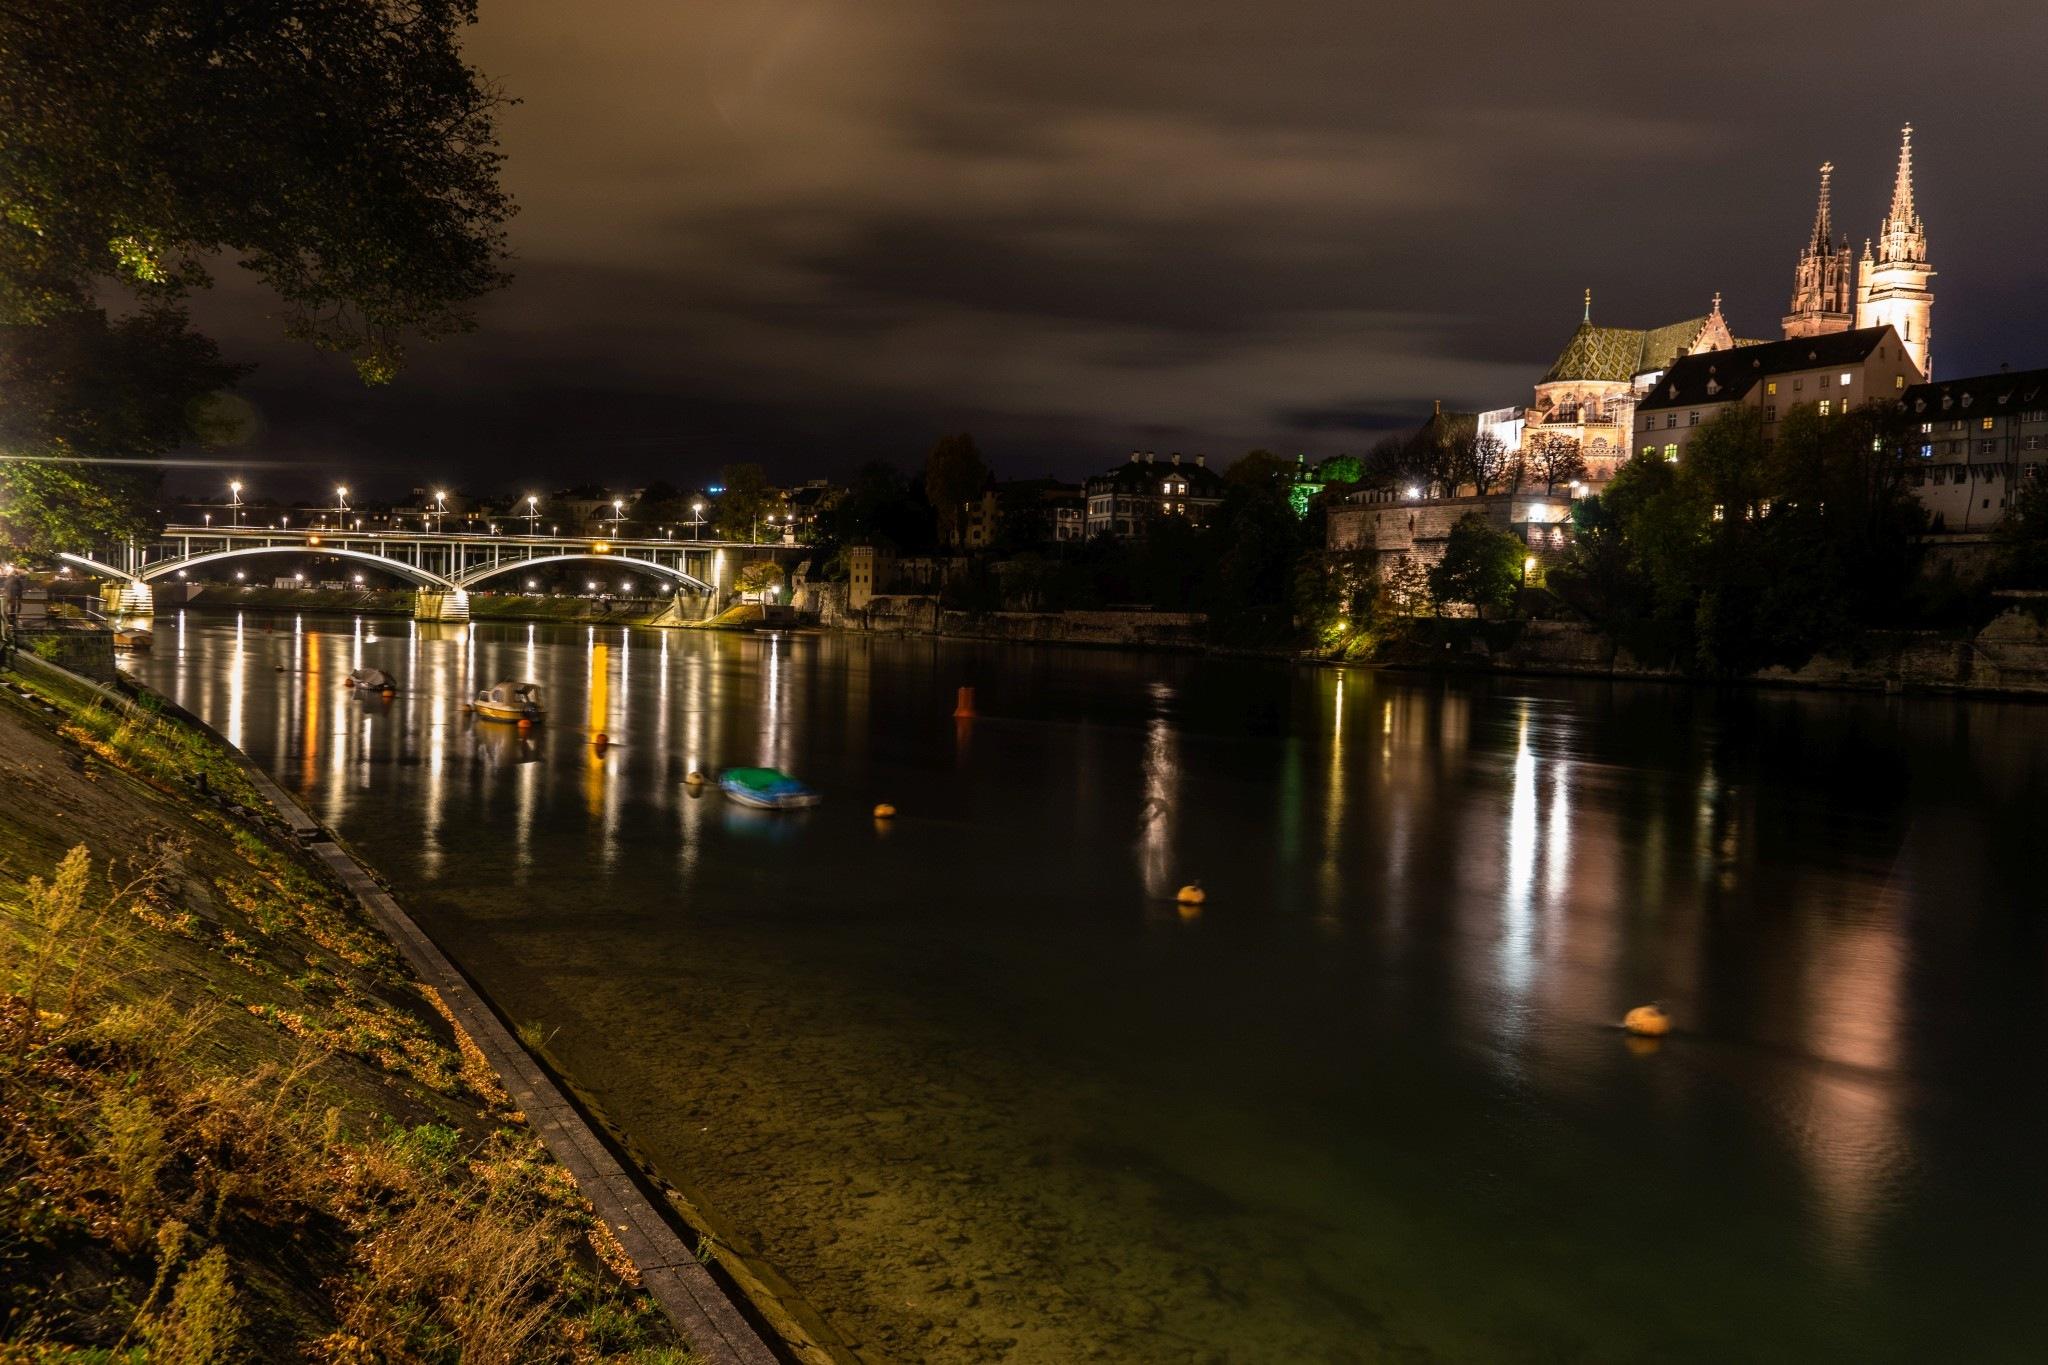 Basel, Münster und Wettsteinbrücke bei Nacht by Hansjuerg Buehler